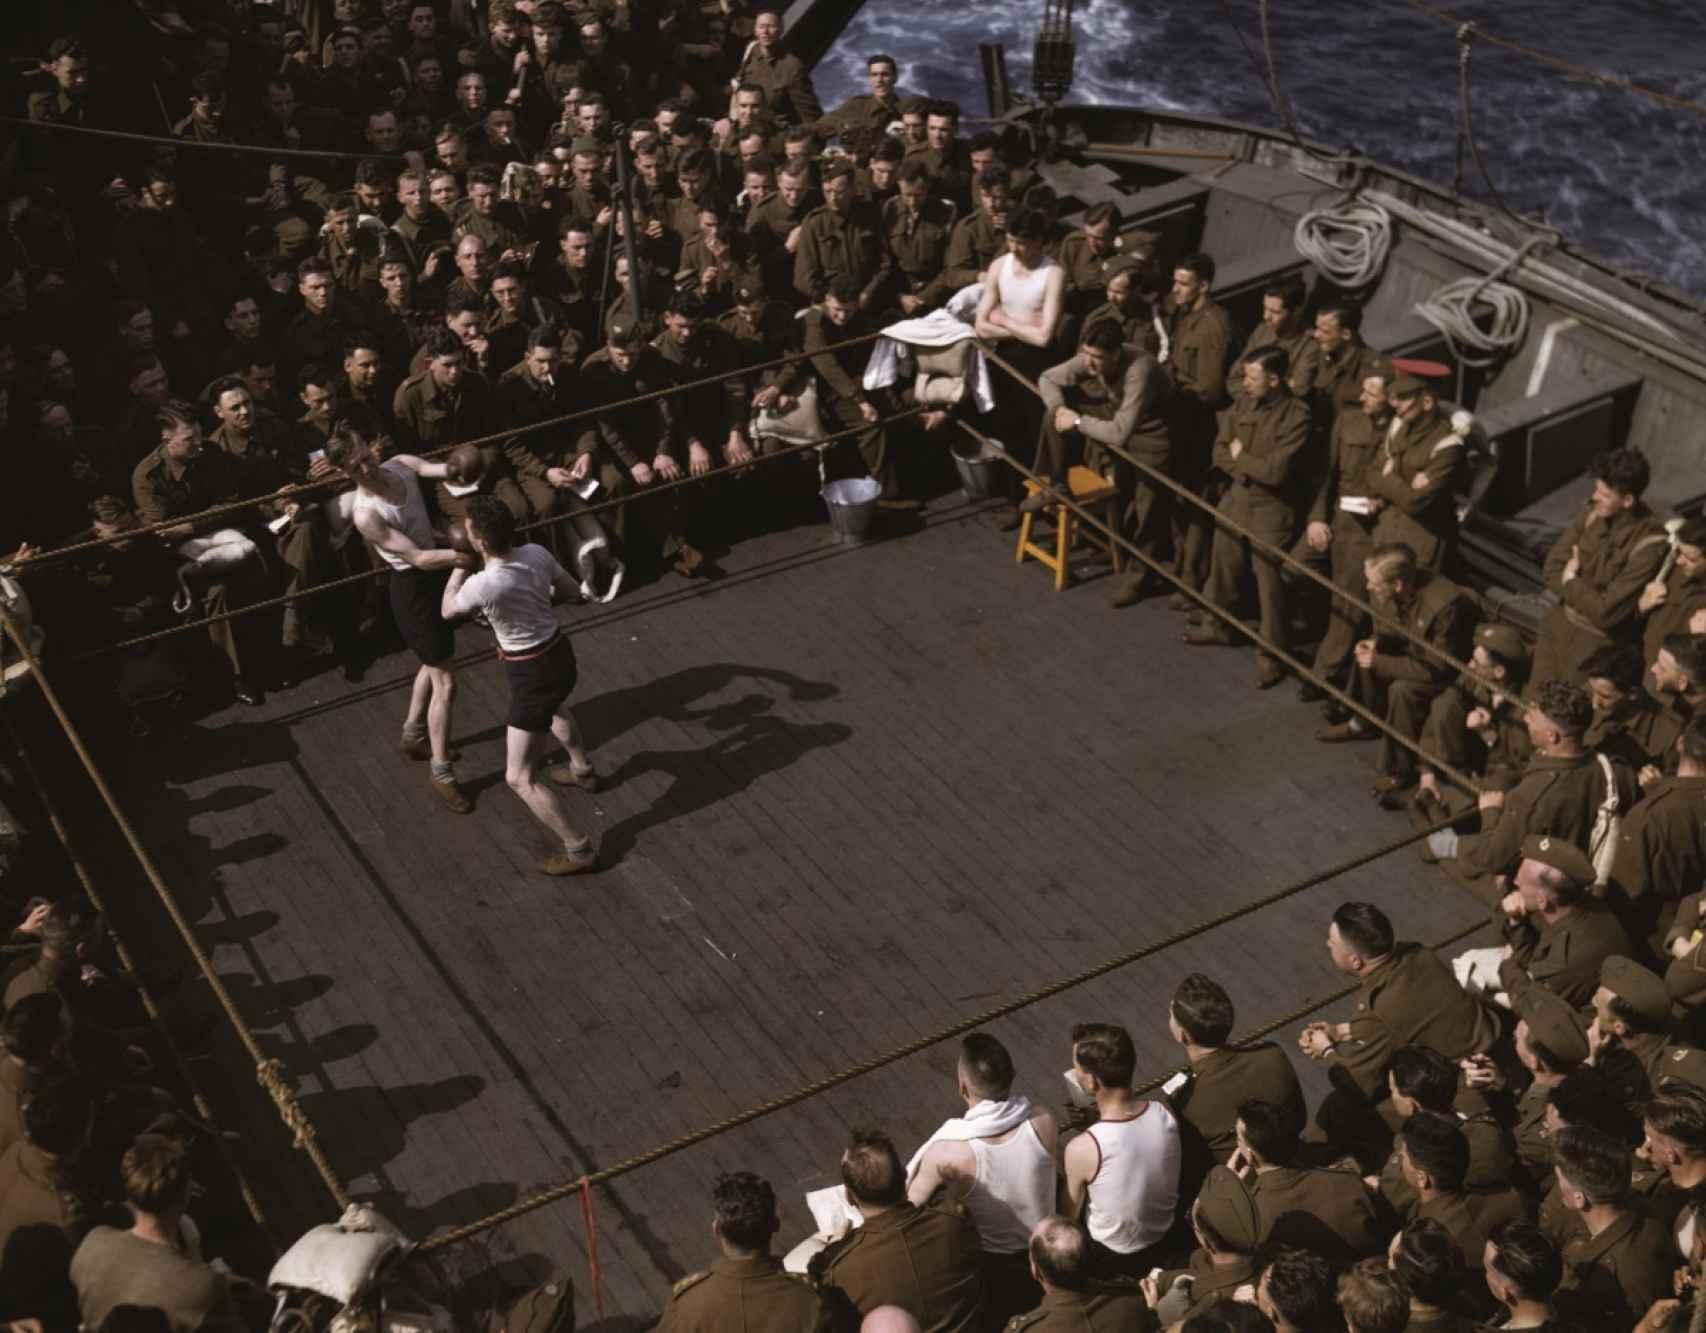 Soldados ingleses en una pelea de boxeo en un barco inglés hacia en Norte de África.